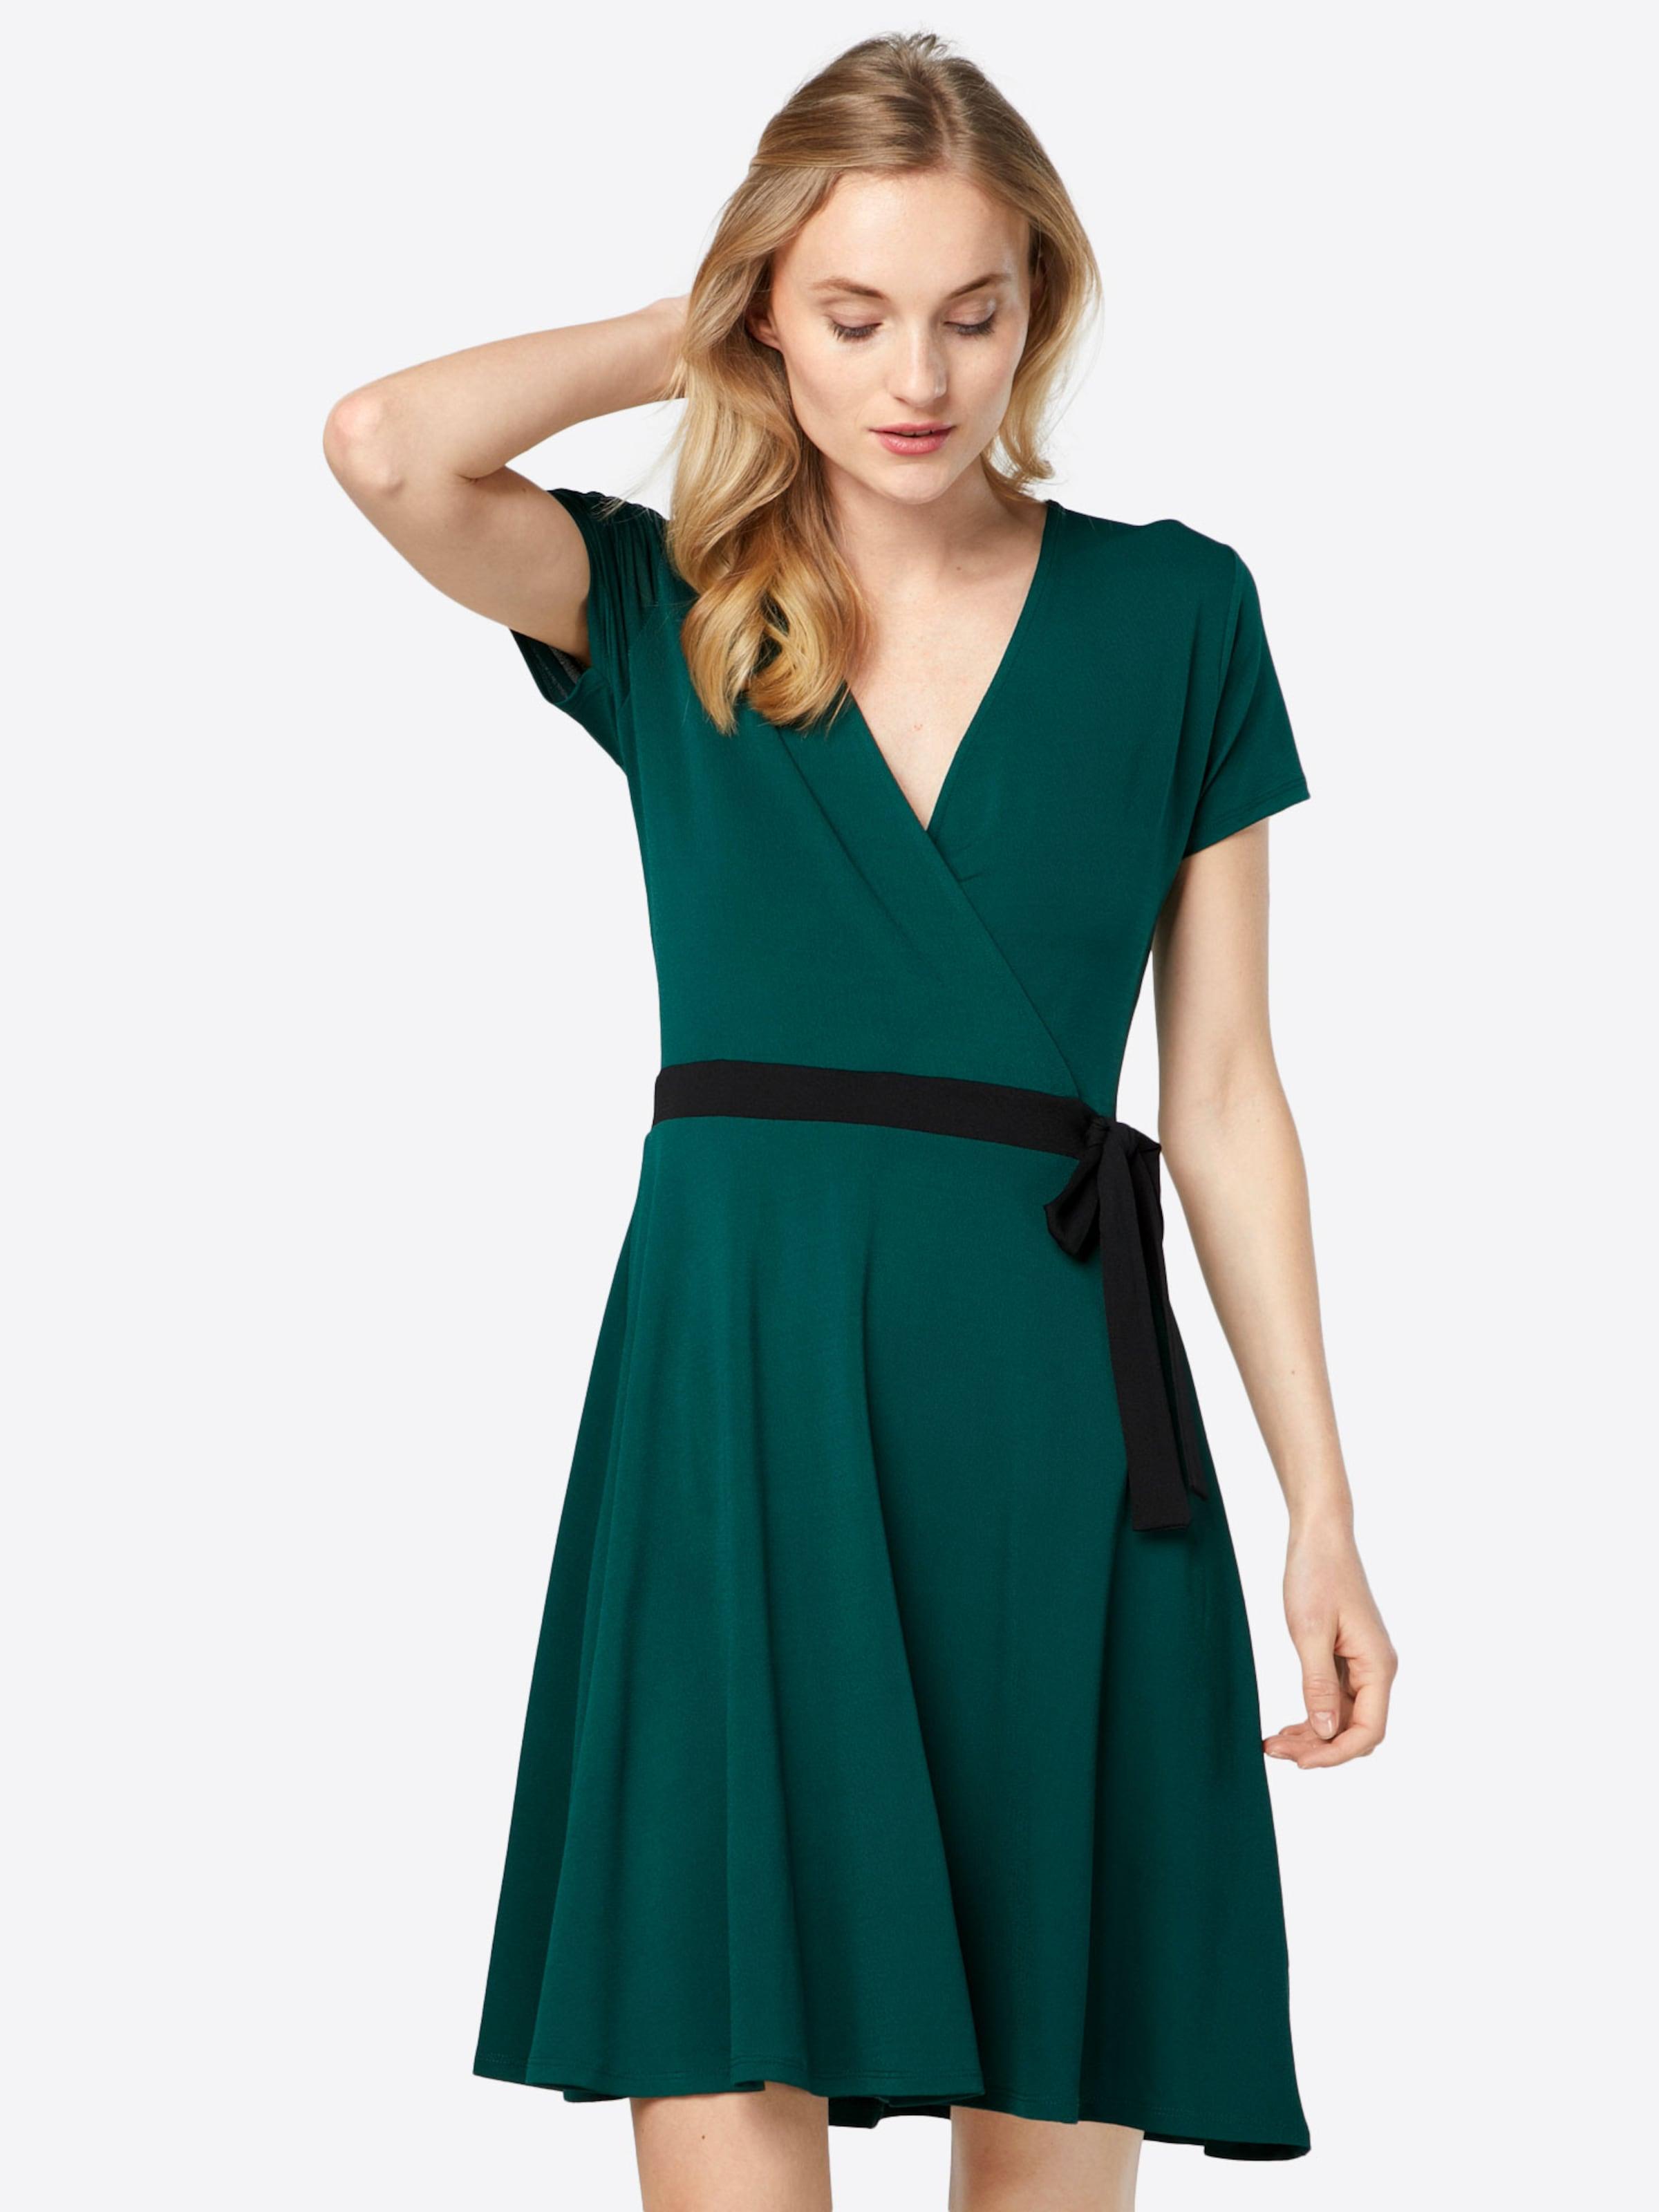 Kleid Jolina smaragd / schwarz About You Billigshop Billig Verkauf Angebote Günstig Kaufen Blick Footlocker Abbildungen Günstigen Preis Günstig Kaufen Low-Cost 6lNcNu